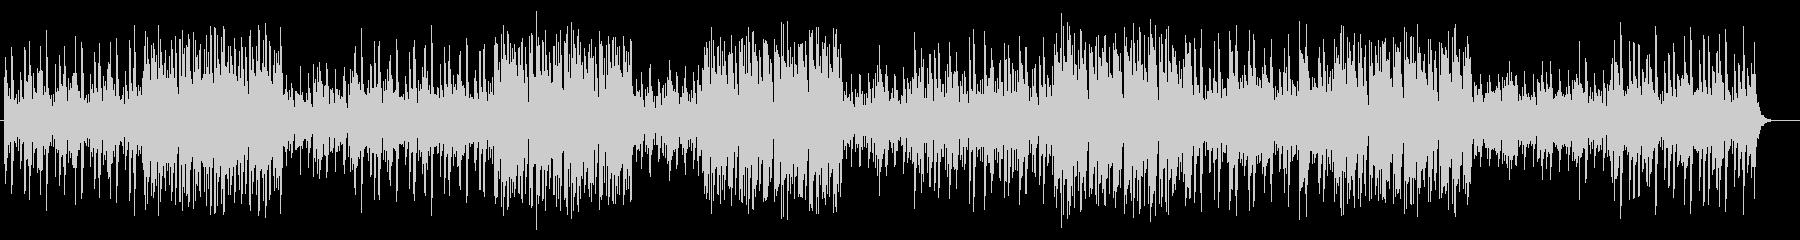 可愛らしい木琴のファンタジーポップの未再生の波形